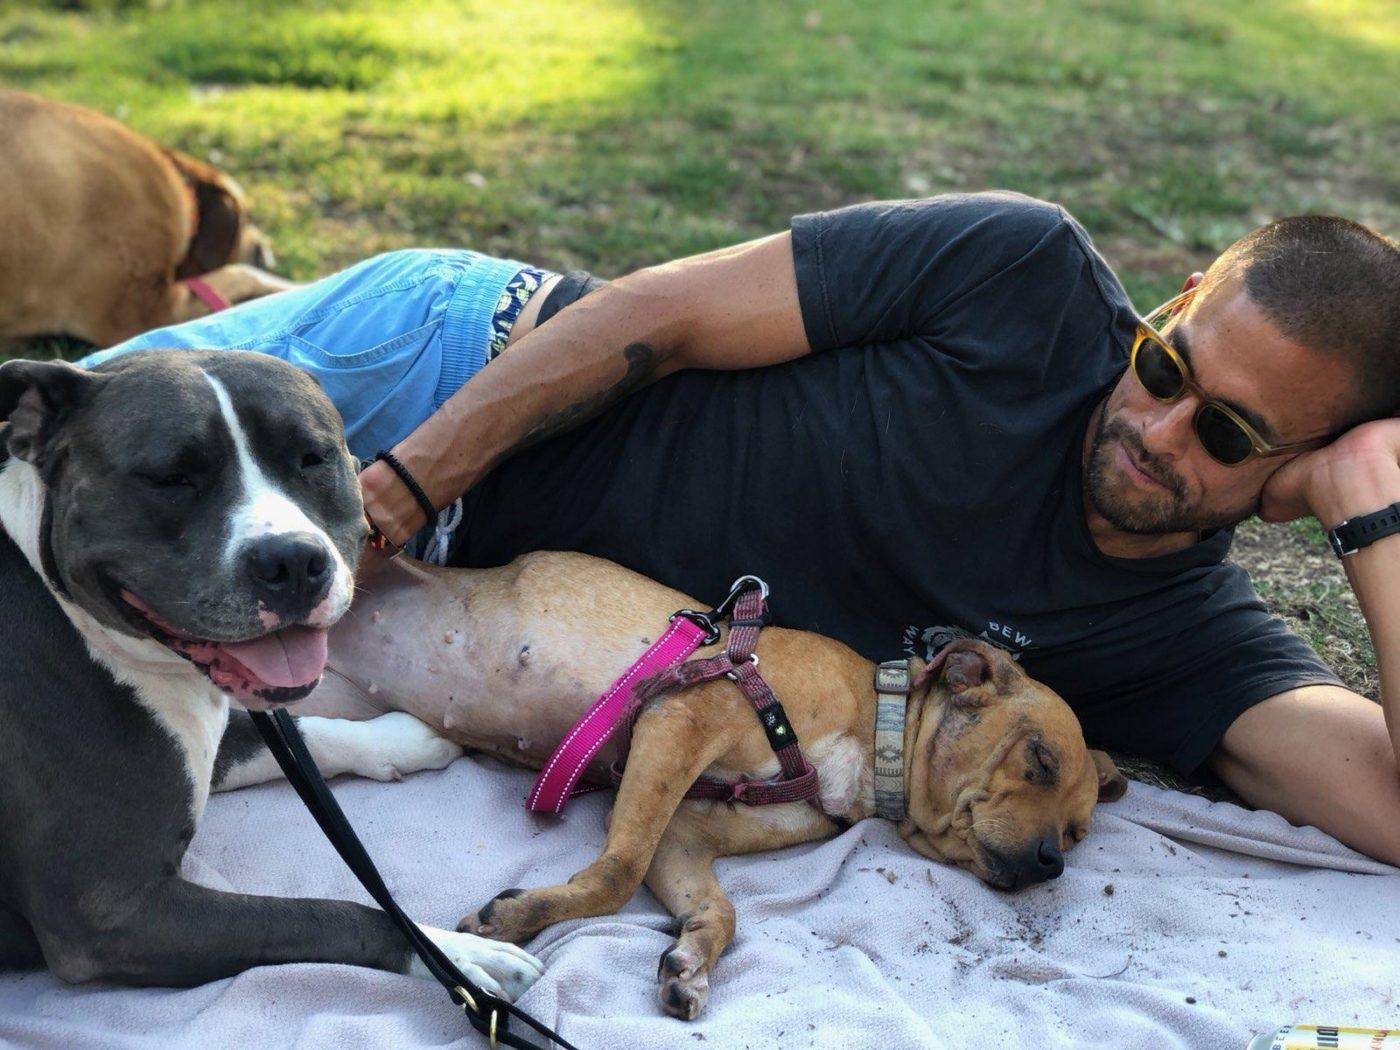 #rescuedog, #fosterdog, #mexicanstreetdog, #onthemend